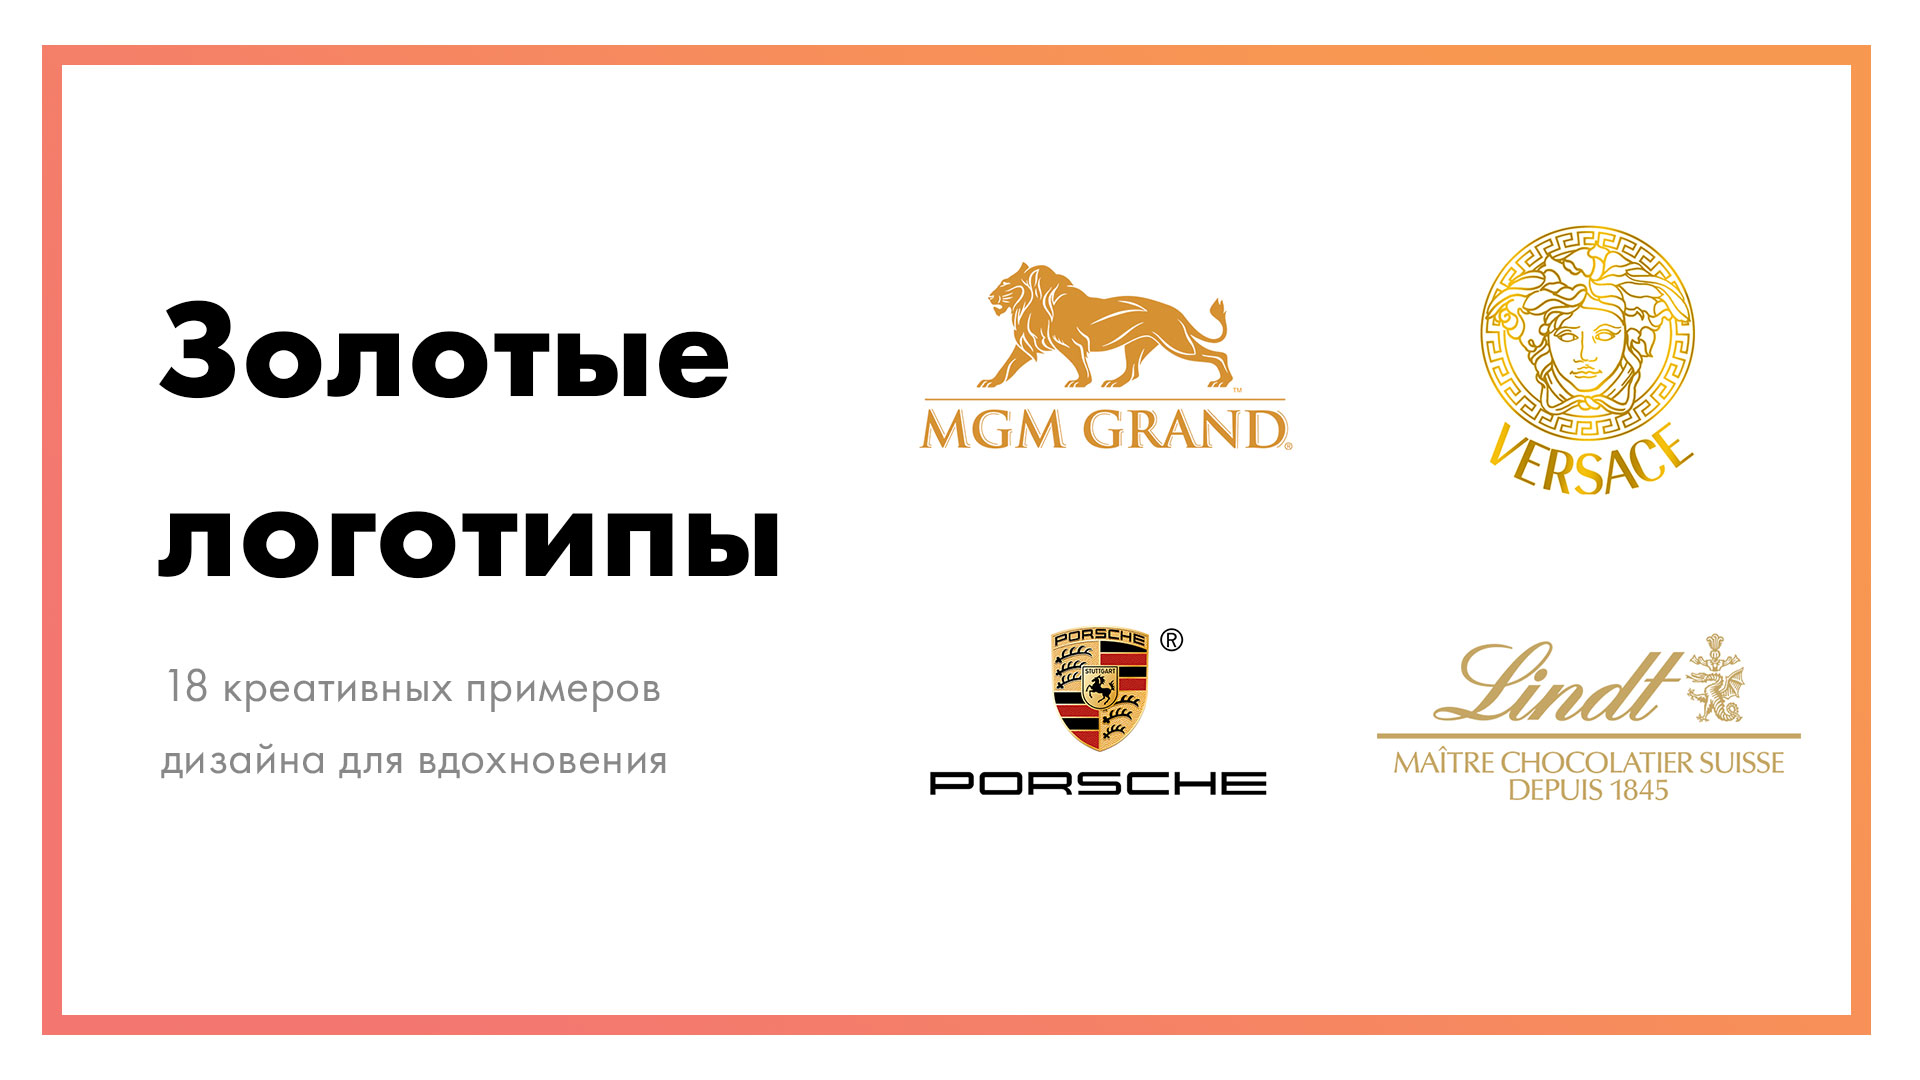 Золотой-логотип-–-18-креативных-примеров-дизайна-для-вдохновения.jpg